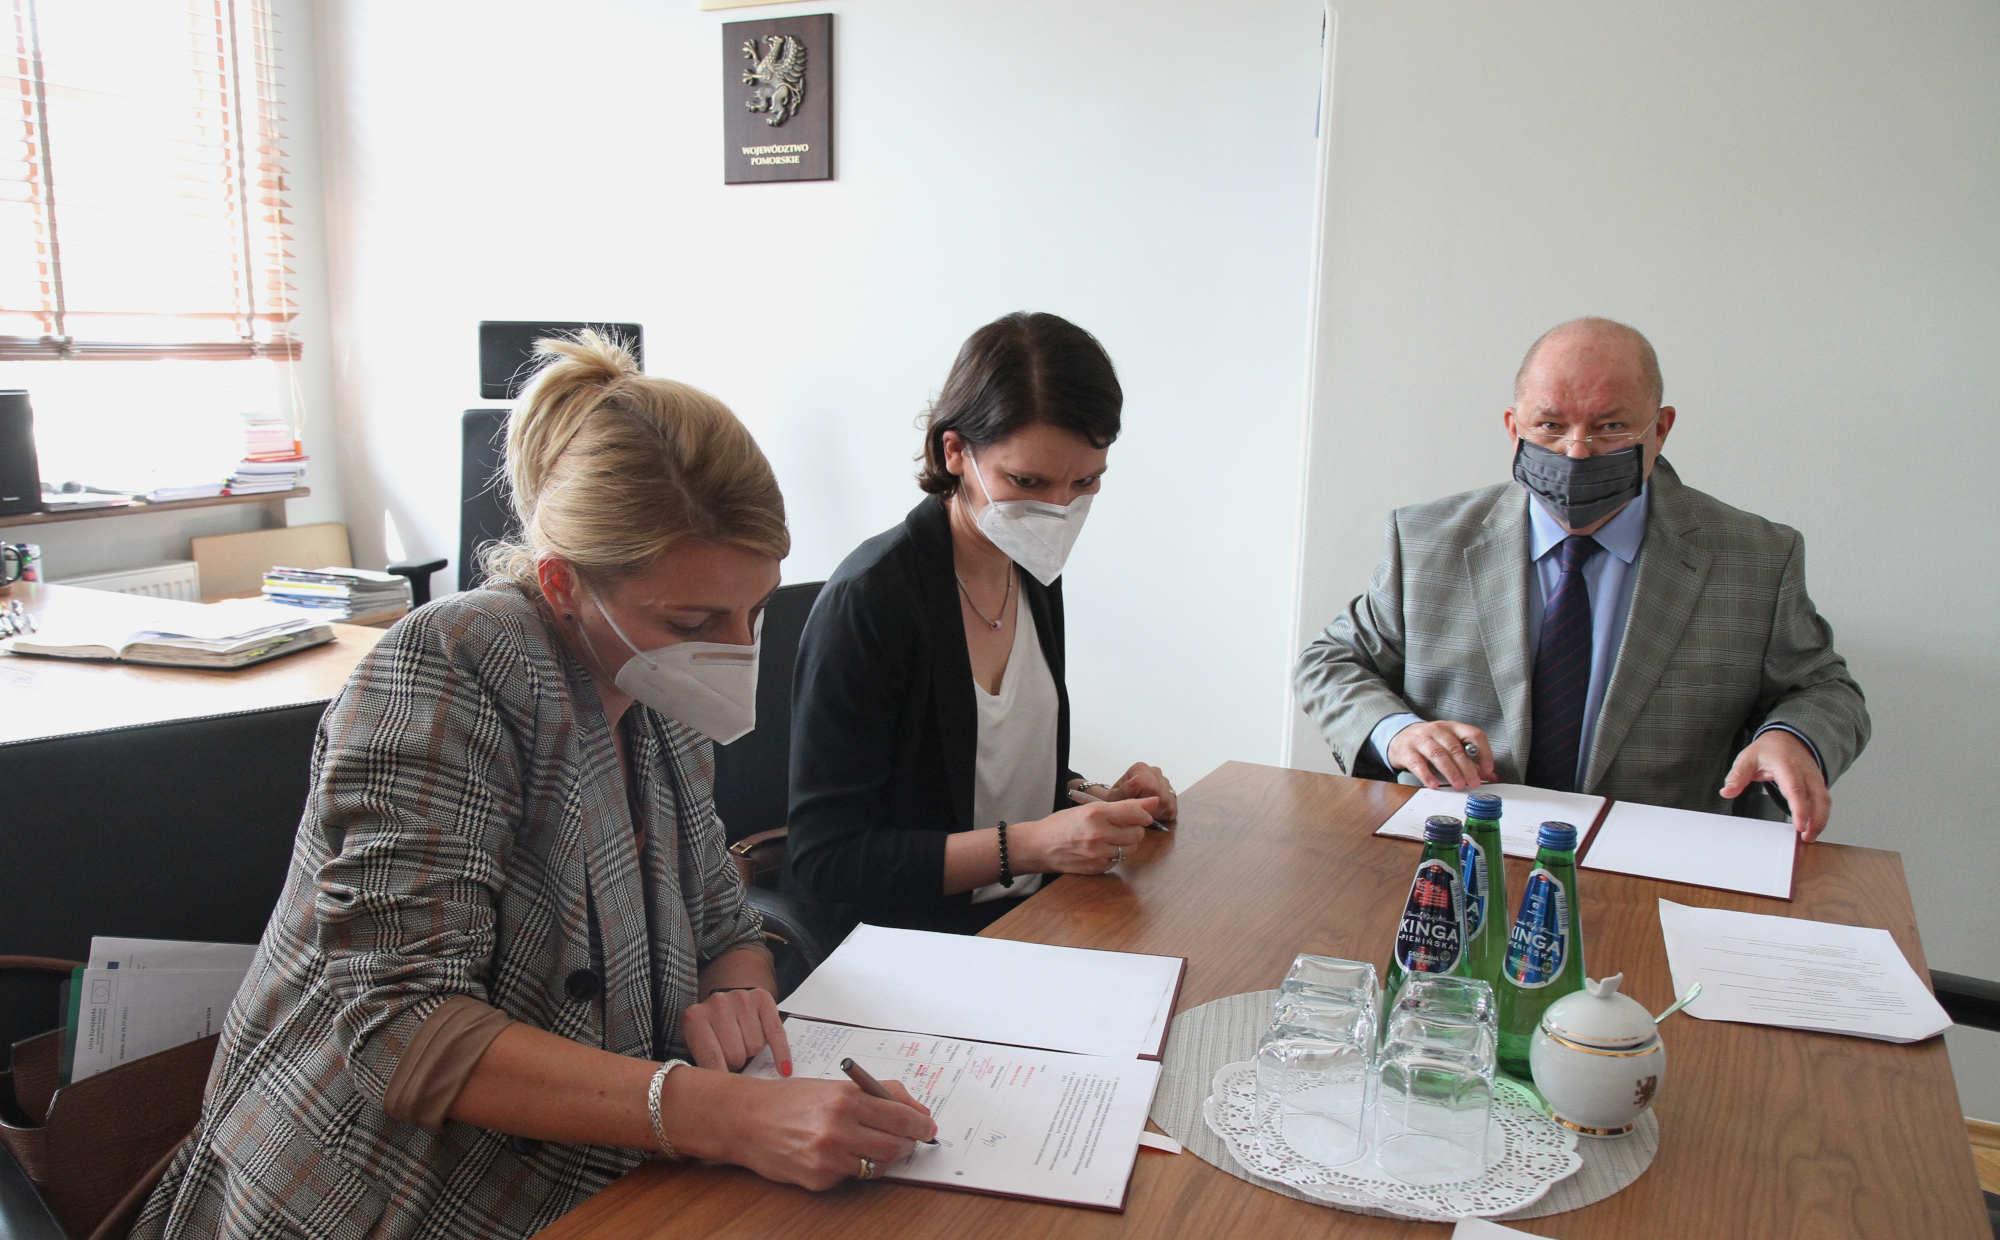 Będą oferty pracy, stażów i szkoleń. Aktywizacja zawodowa mieszkańców Gdyni i Sopotu